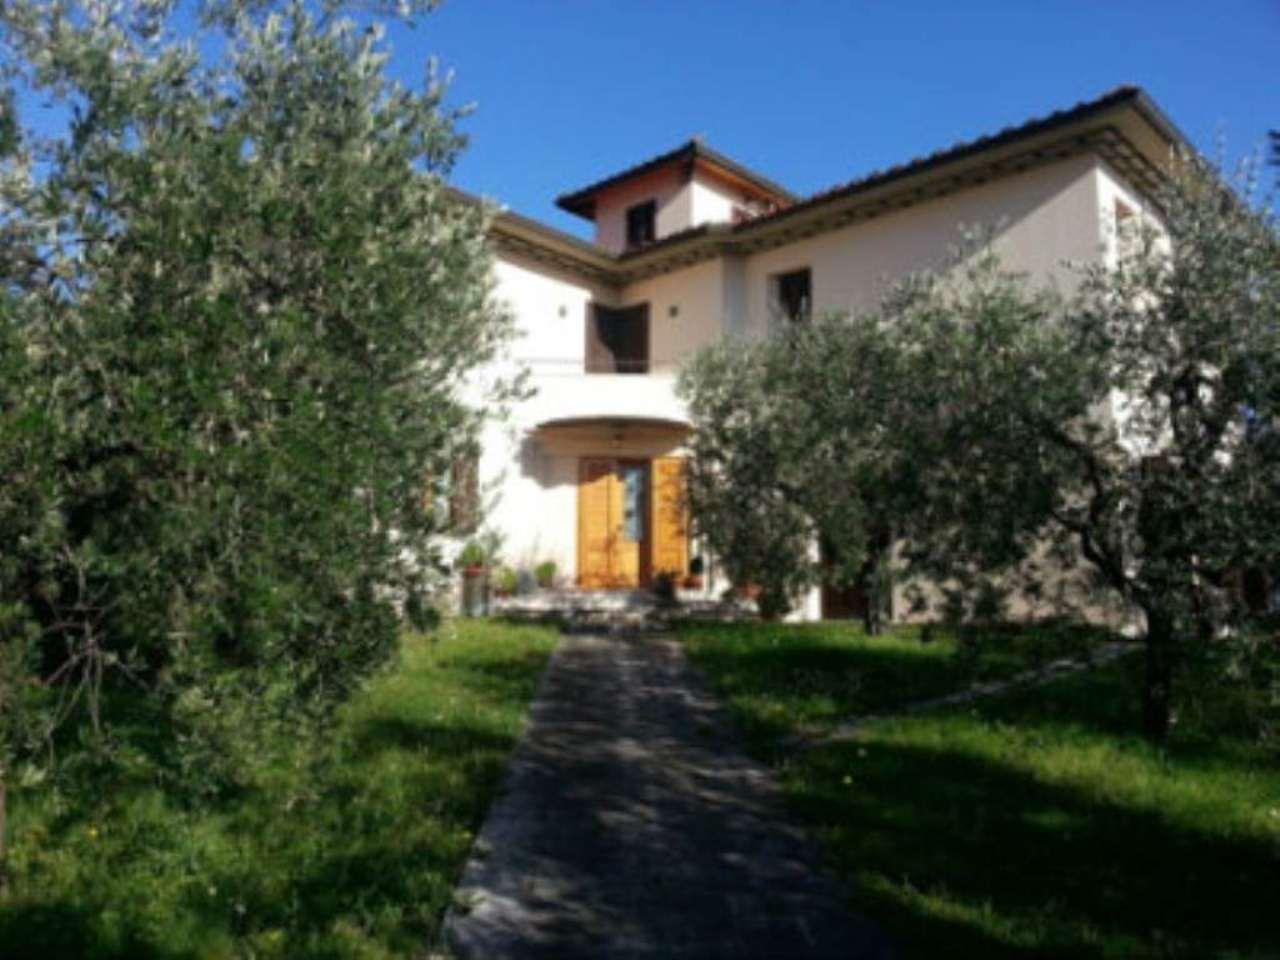 Villa in vendita a Pistoia, 10 locali, prezzo € 750.000 | CambioCasa.it